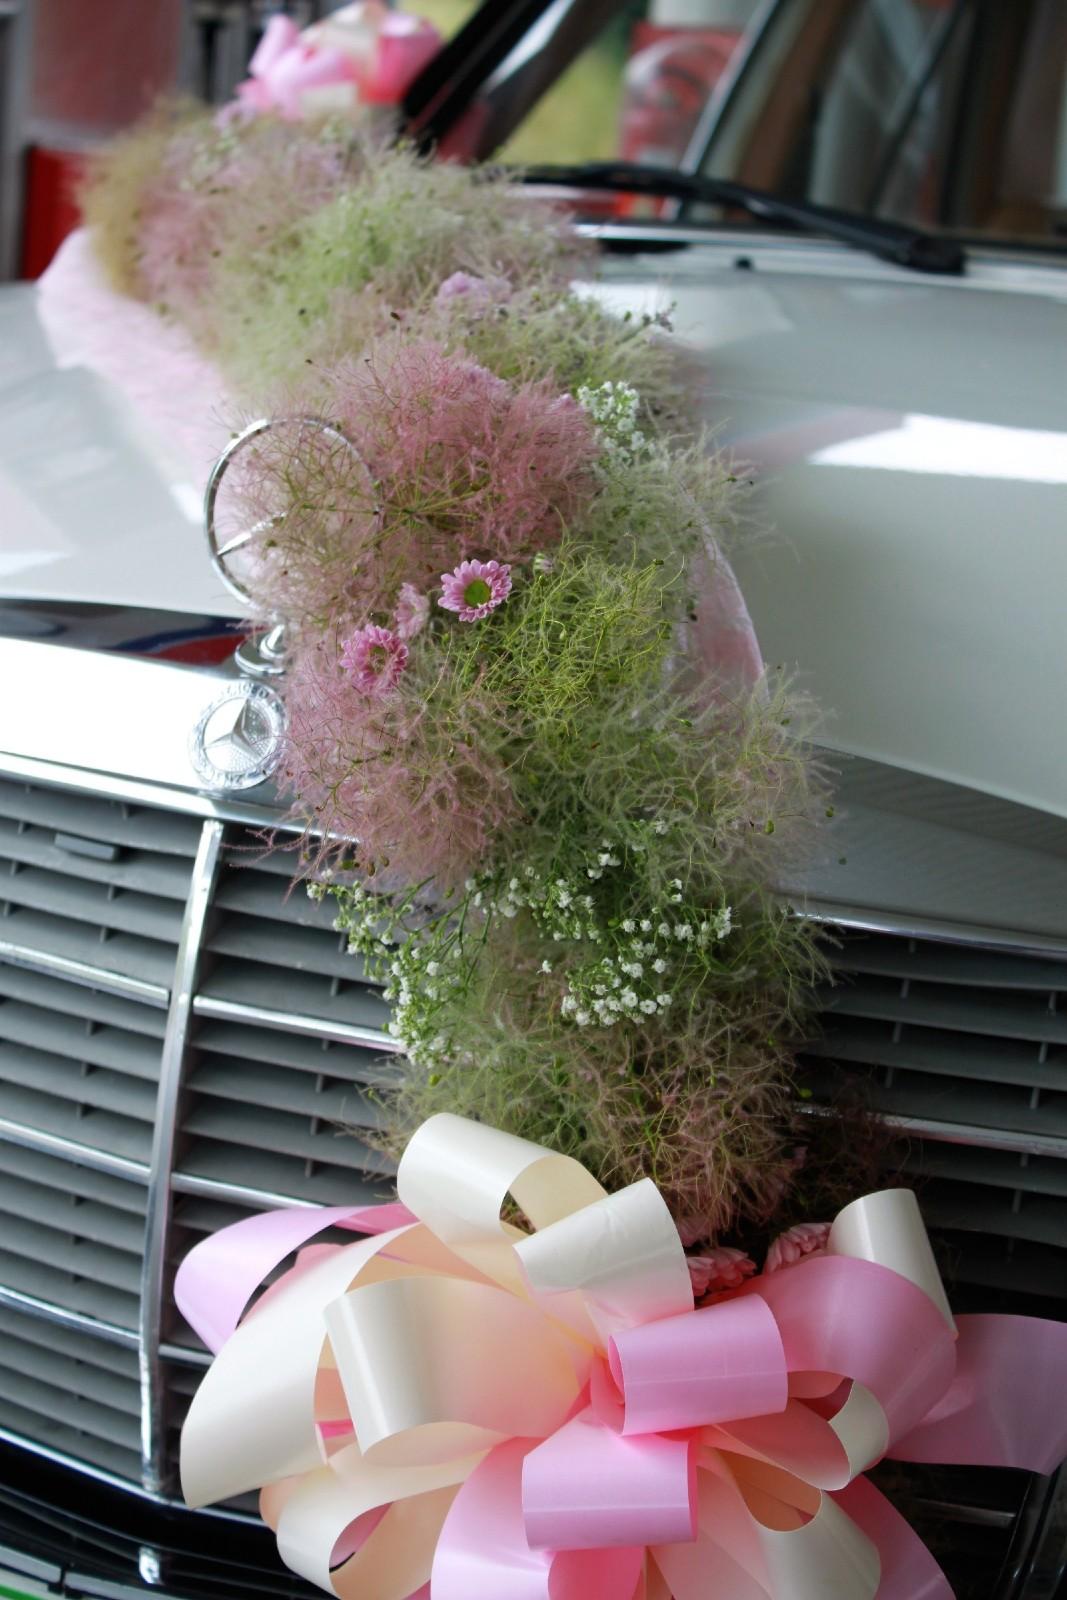 dekoracija avtov Mdetajl